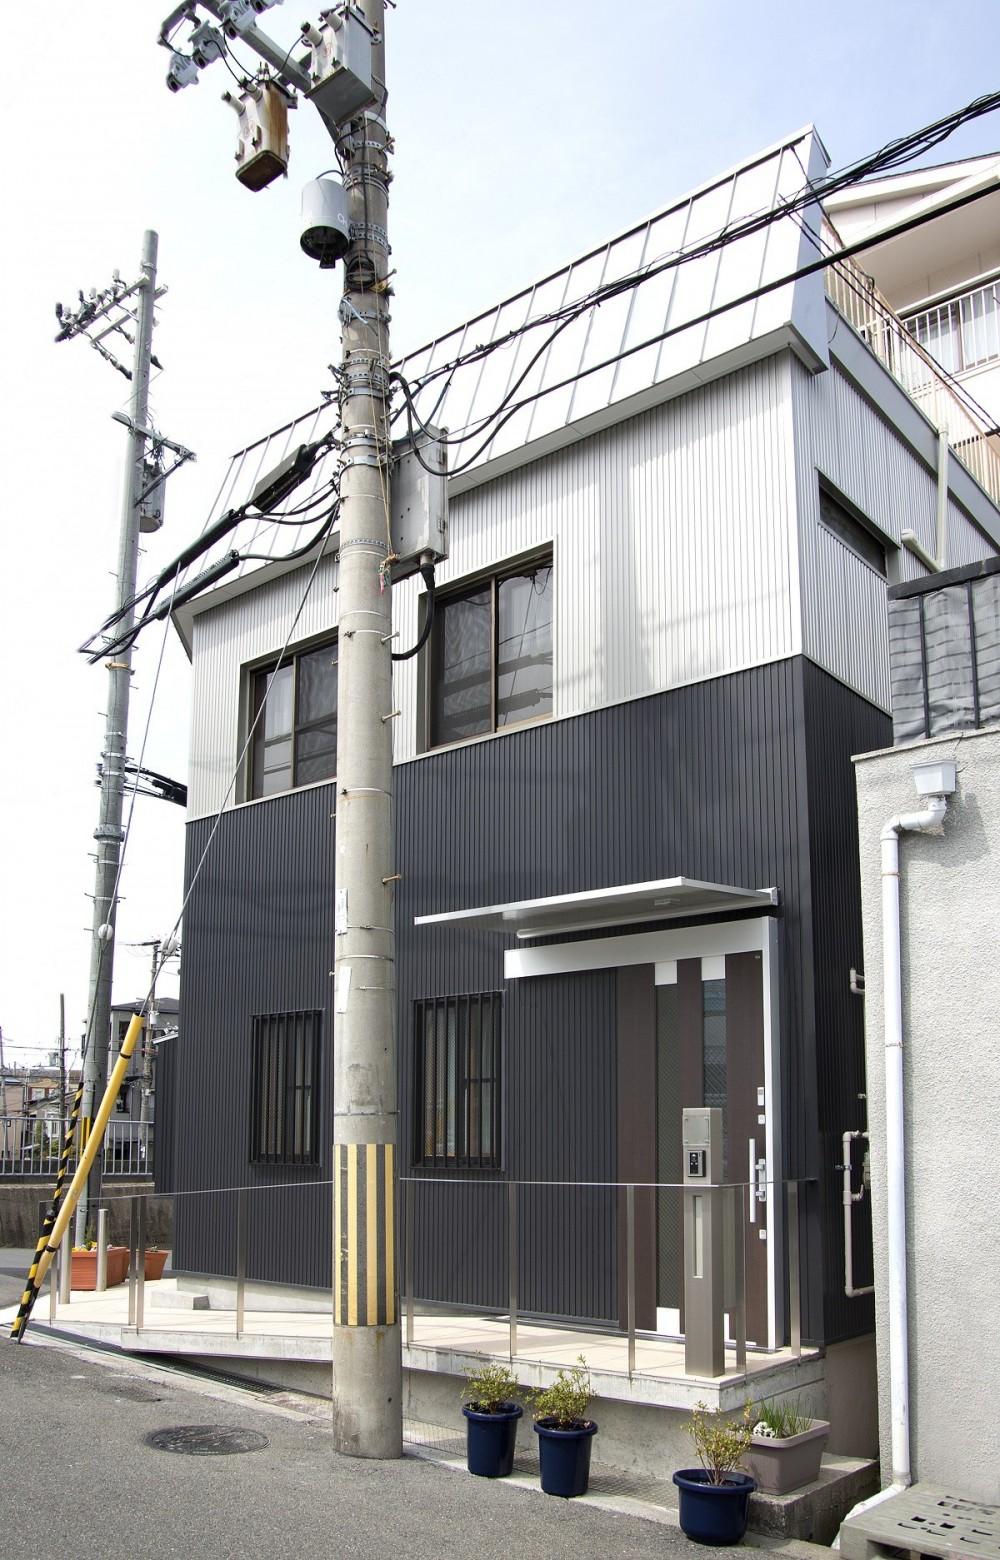 ホームエレベーターがあるバリアフリー住宅|遮音・防音構造の住宅(ガレージハウス) (外観-2)